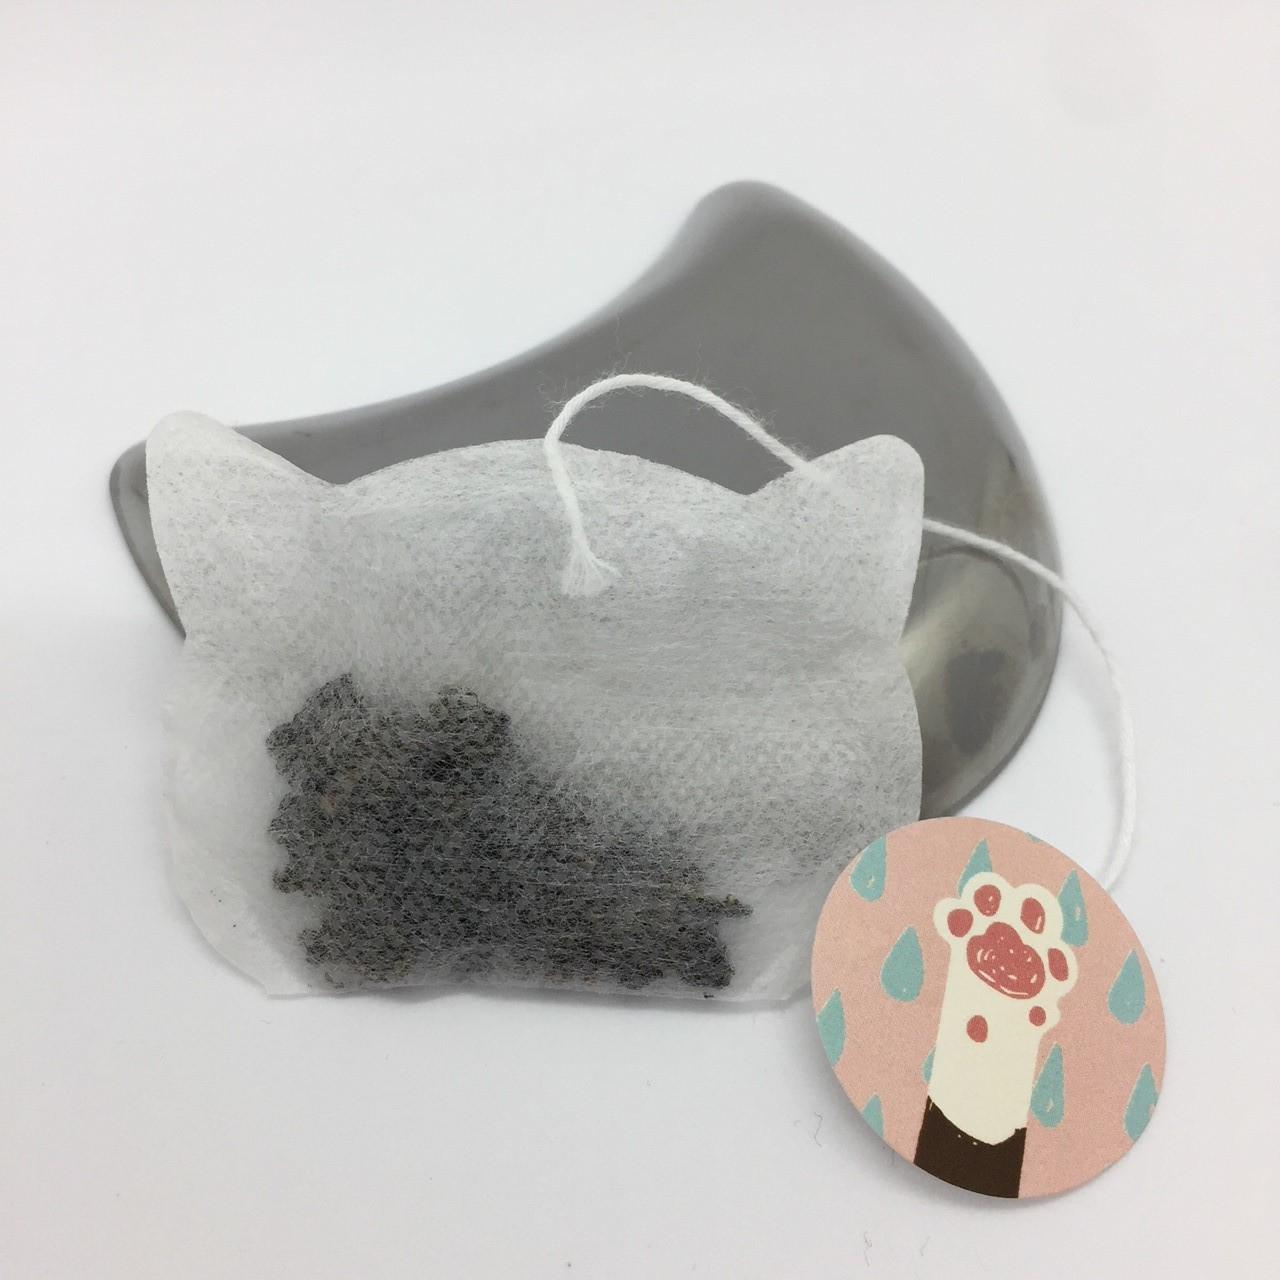 台湾茶が初めての方にもオススメ/台湾茶8種の猫型ティーバッグセット